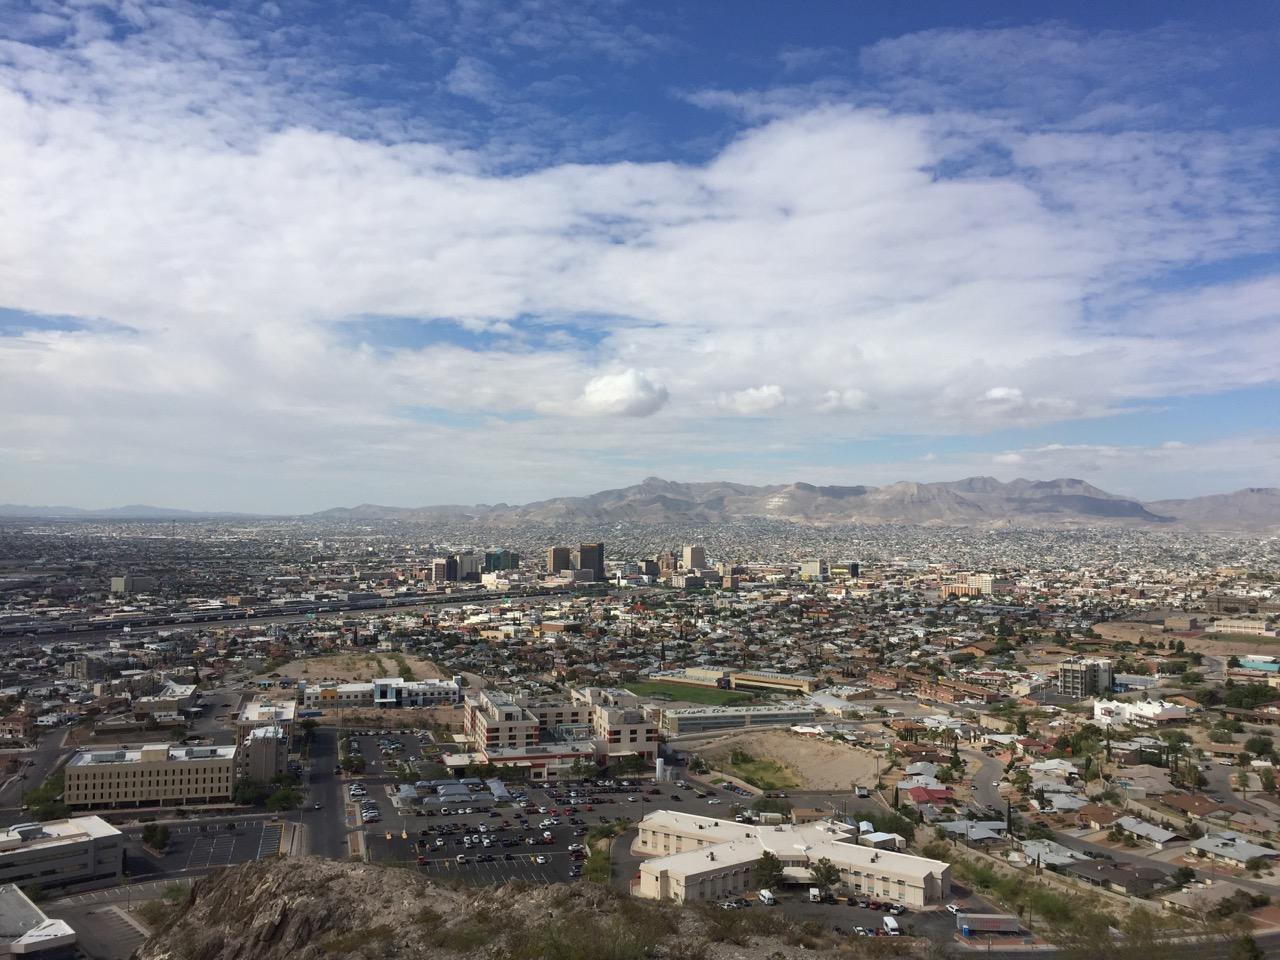 El Paso, TX, looking south toward downtown, Segundo Barrio, and Ciudad Juárez, Chihuahua, MX